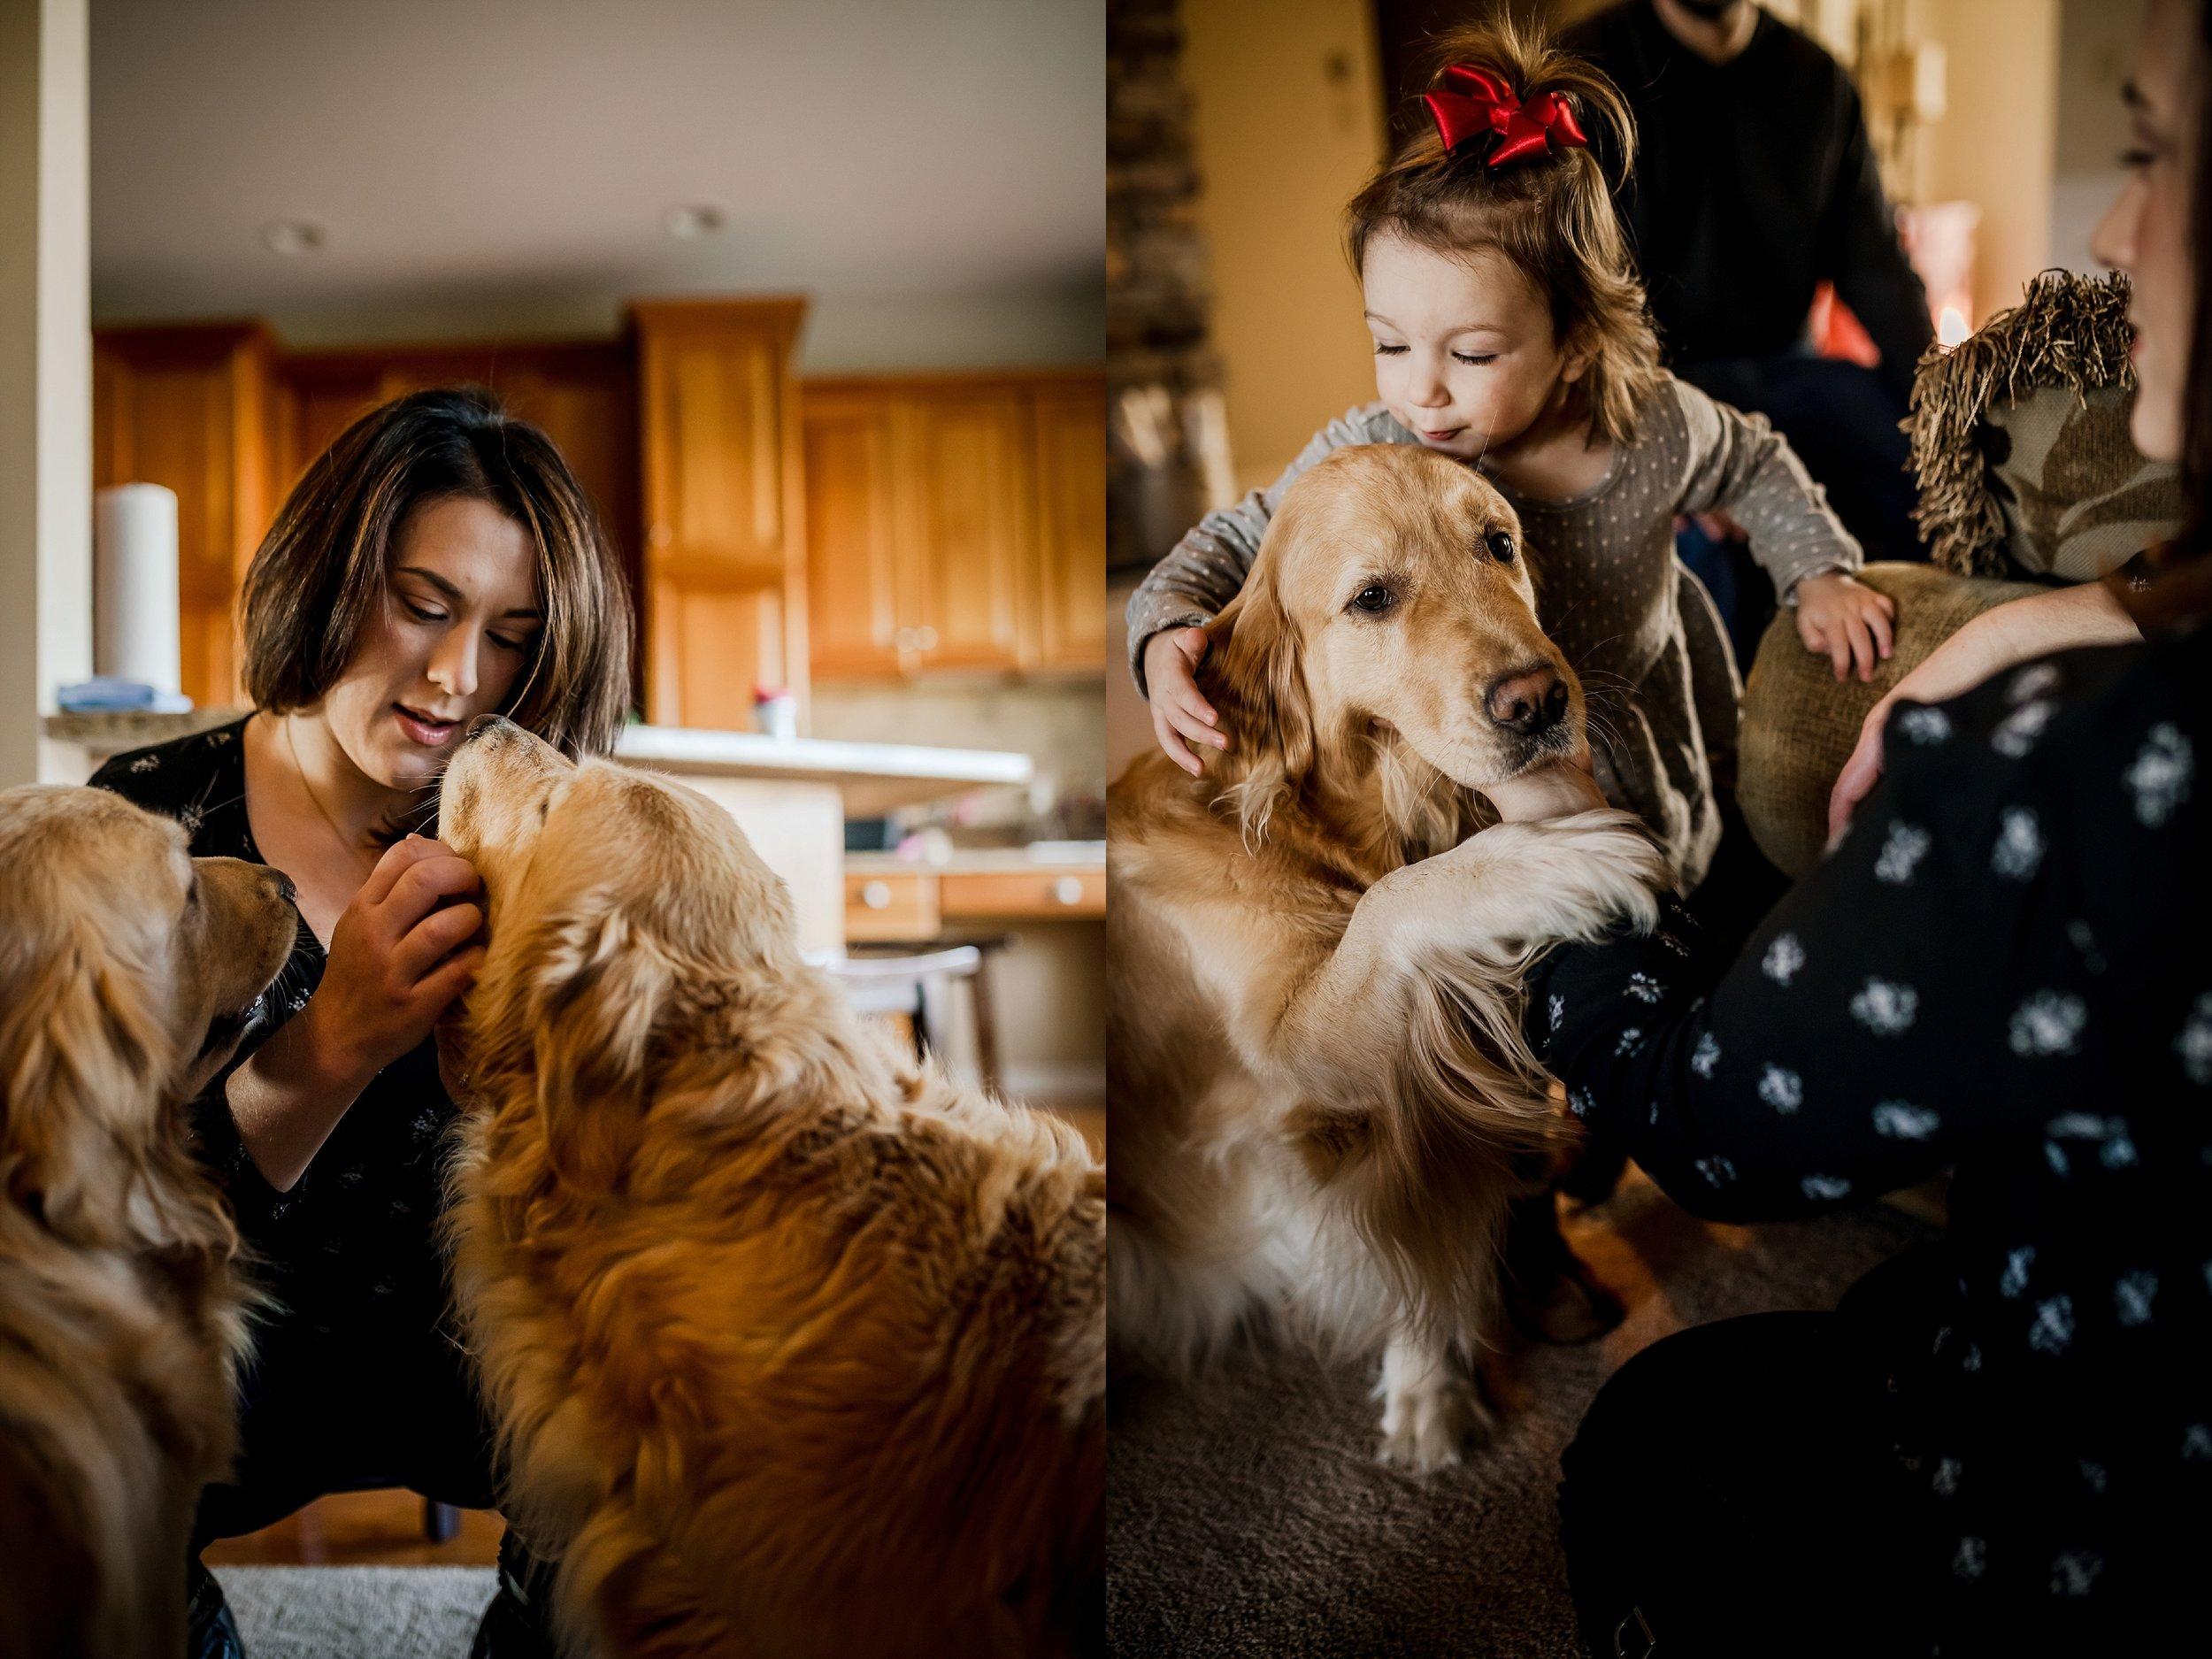 Lehigh-Valley-Documentary-Family-Photographer_0015.jpg